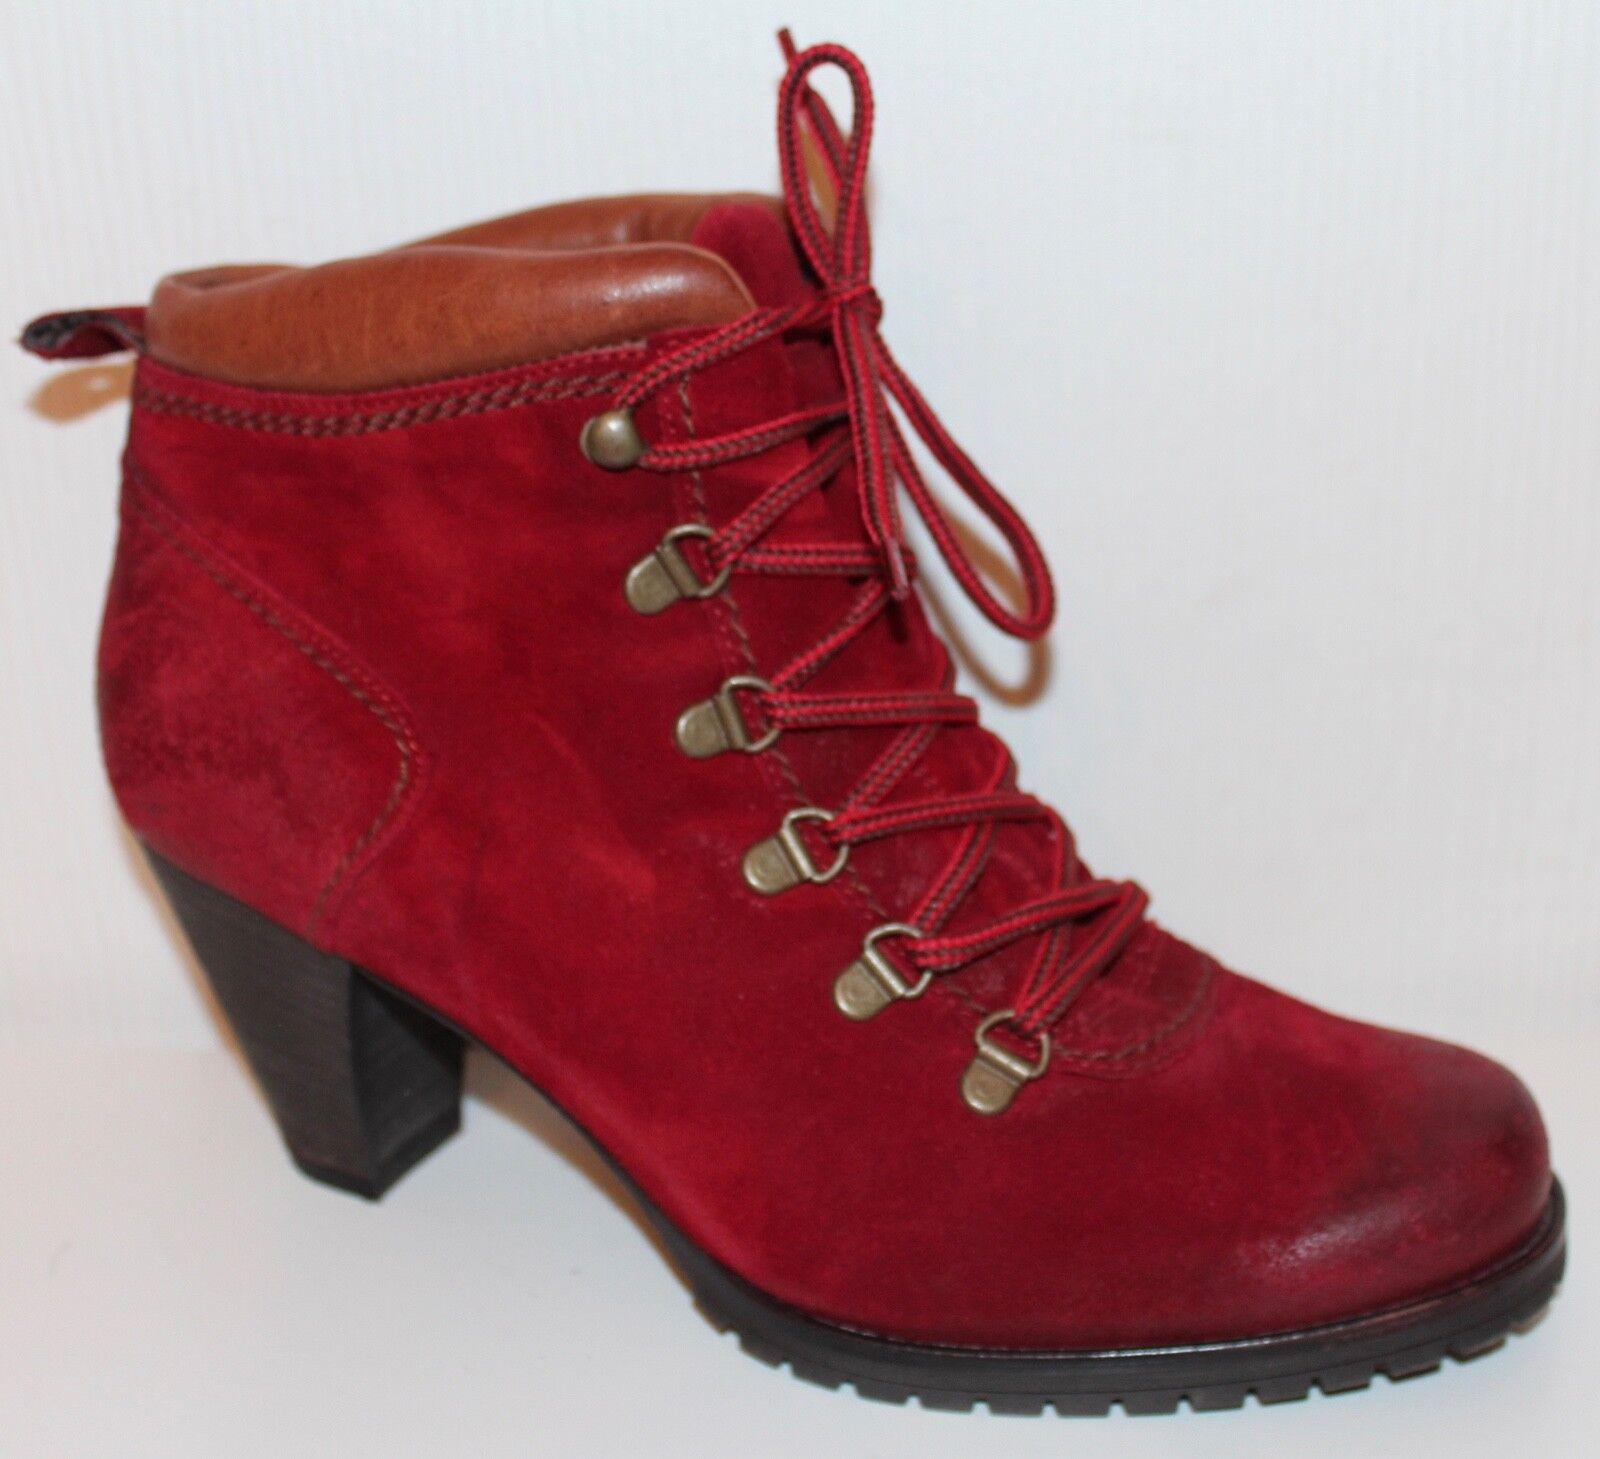 Paul verde schnürzapatos Lace up up up botines zapatos 40 cuero botas botines  más vendido